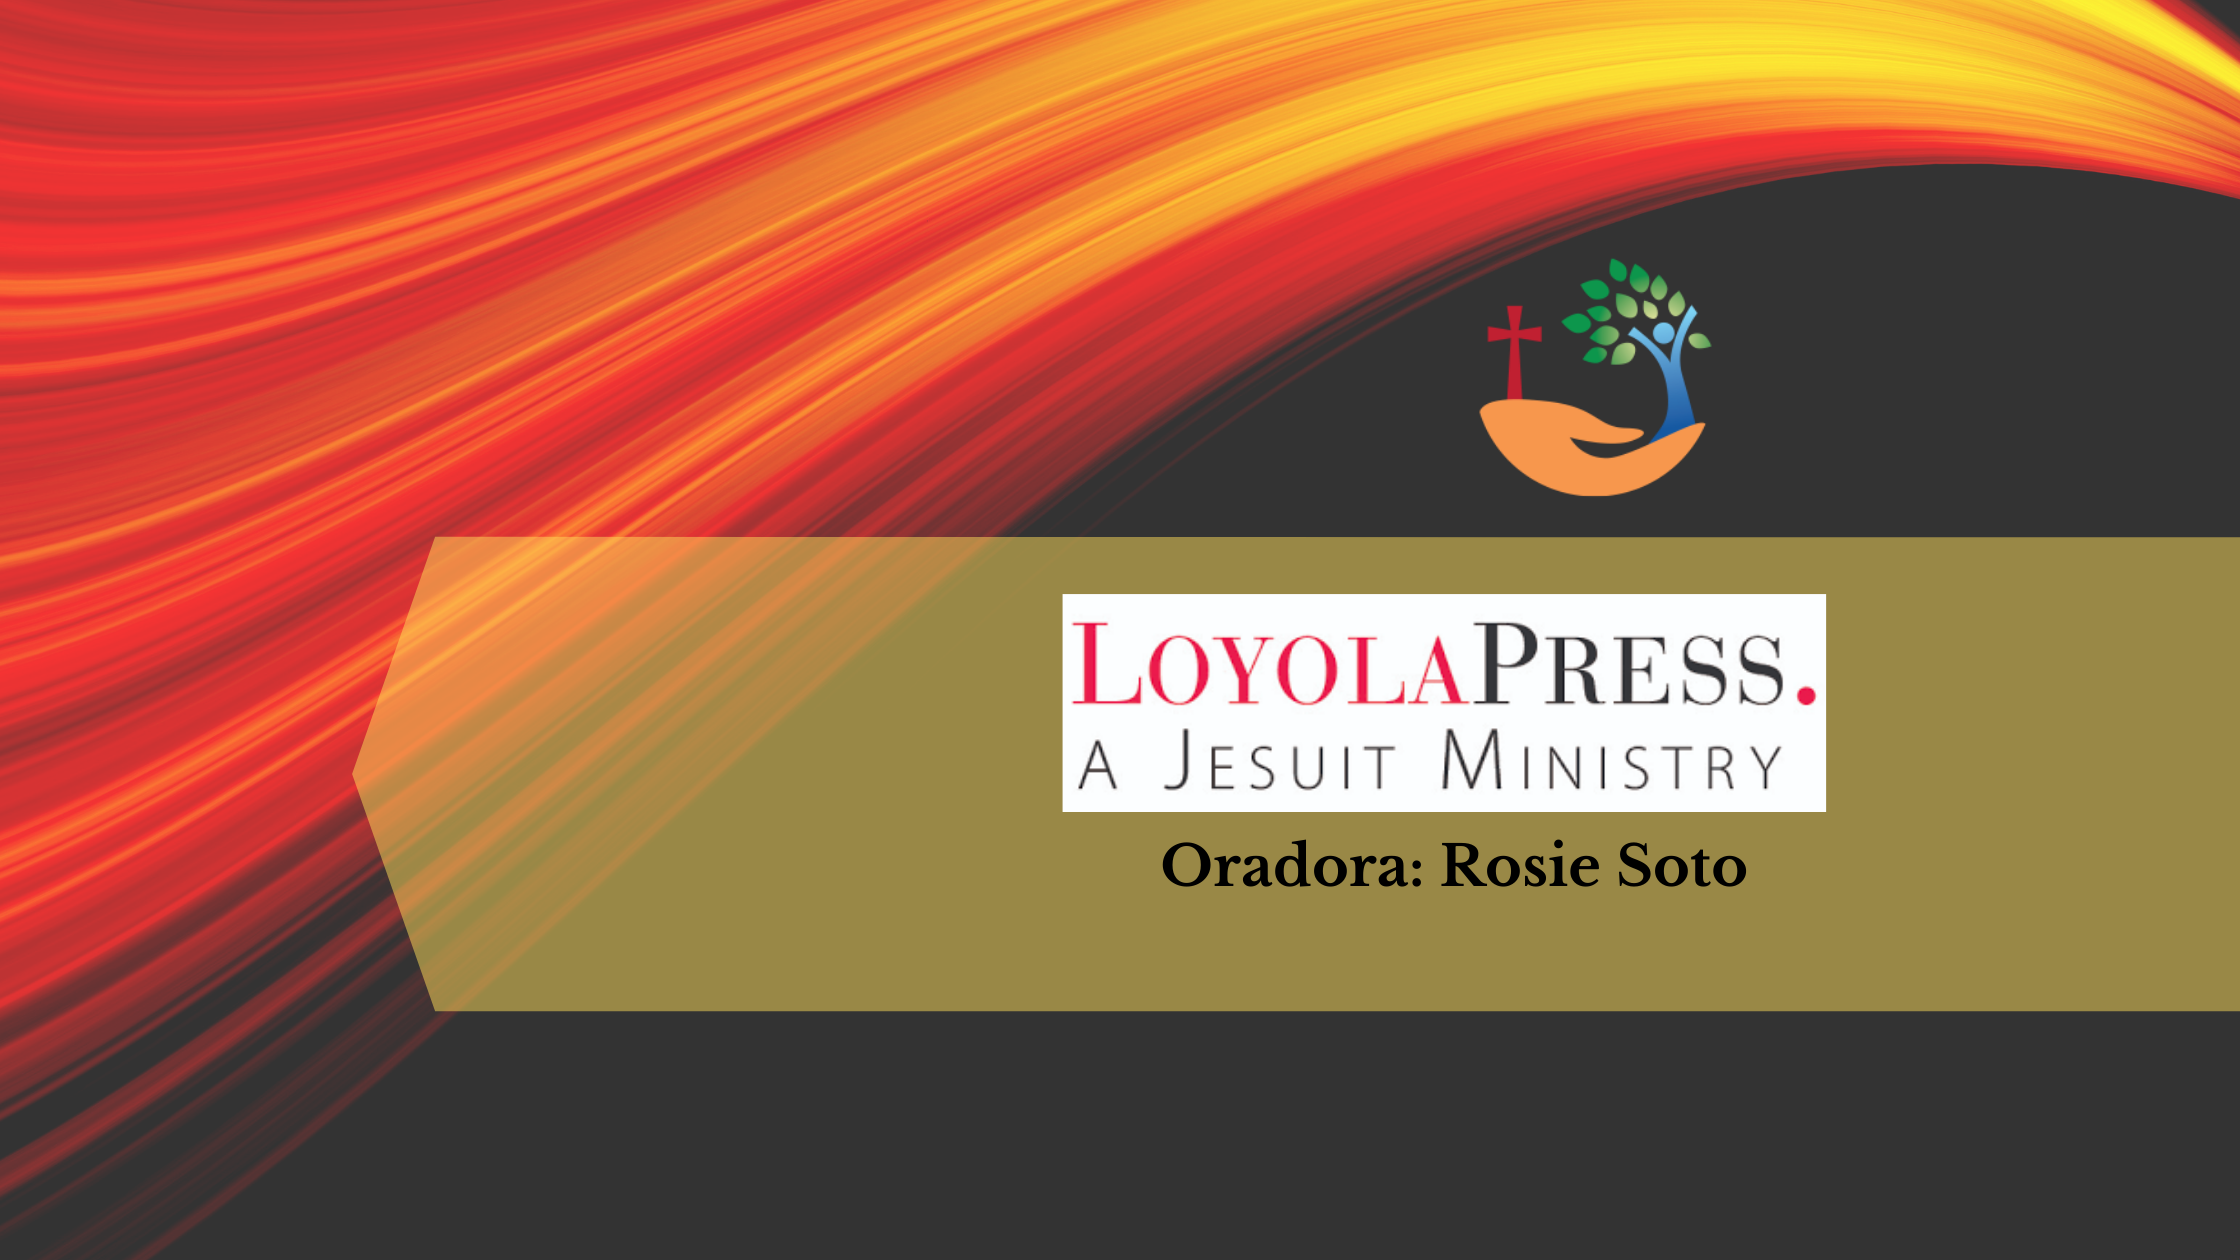 Superando El Agotamiento una Serie Virtual: Bienestar Social y Emocional Silencio Sagrado : Encontrando a Dios en Cada Momento